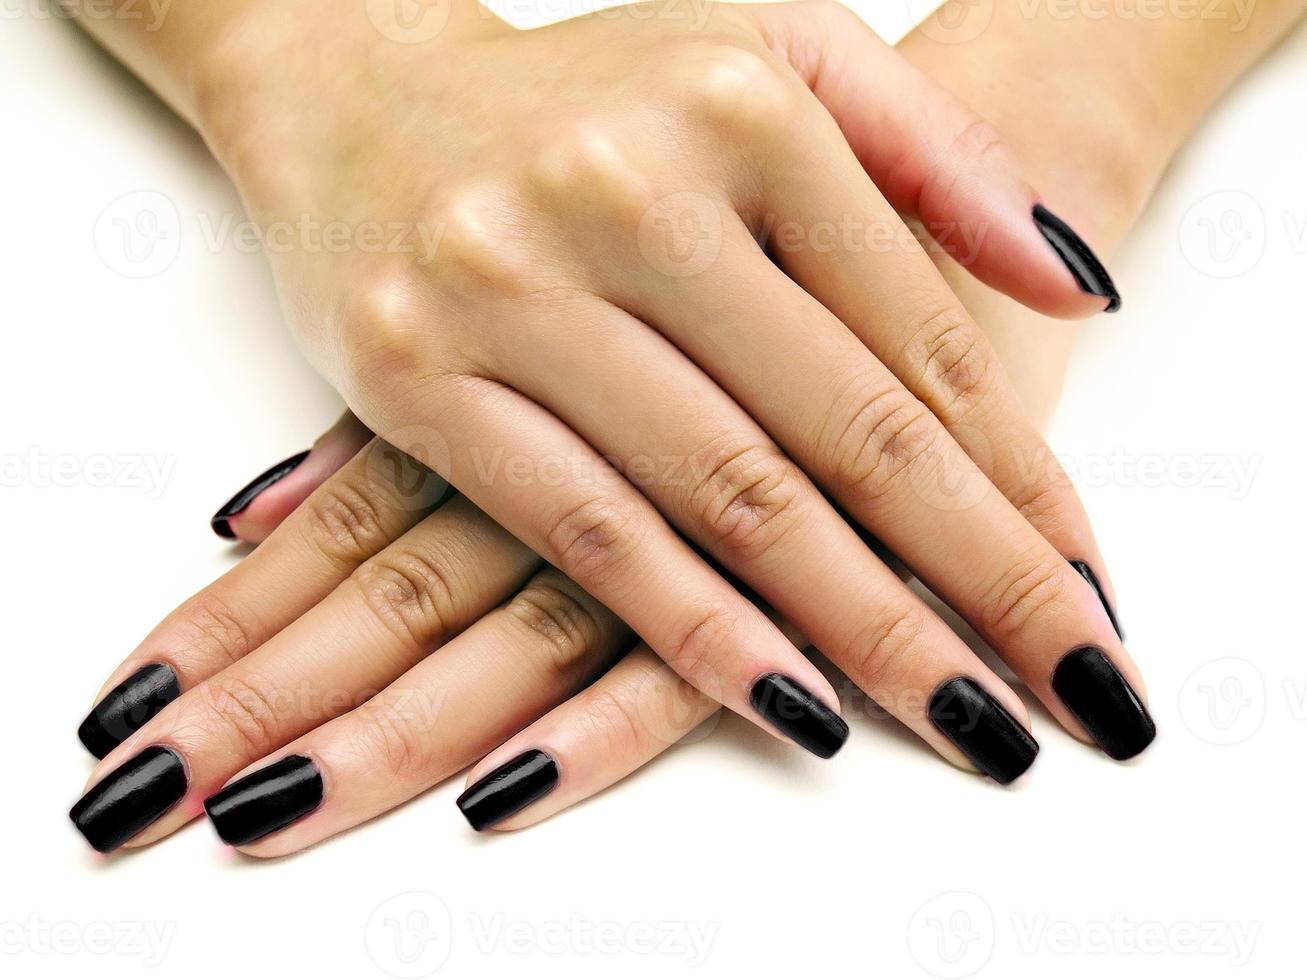 vernis à ongles sur les mains féminines photo